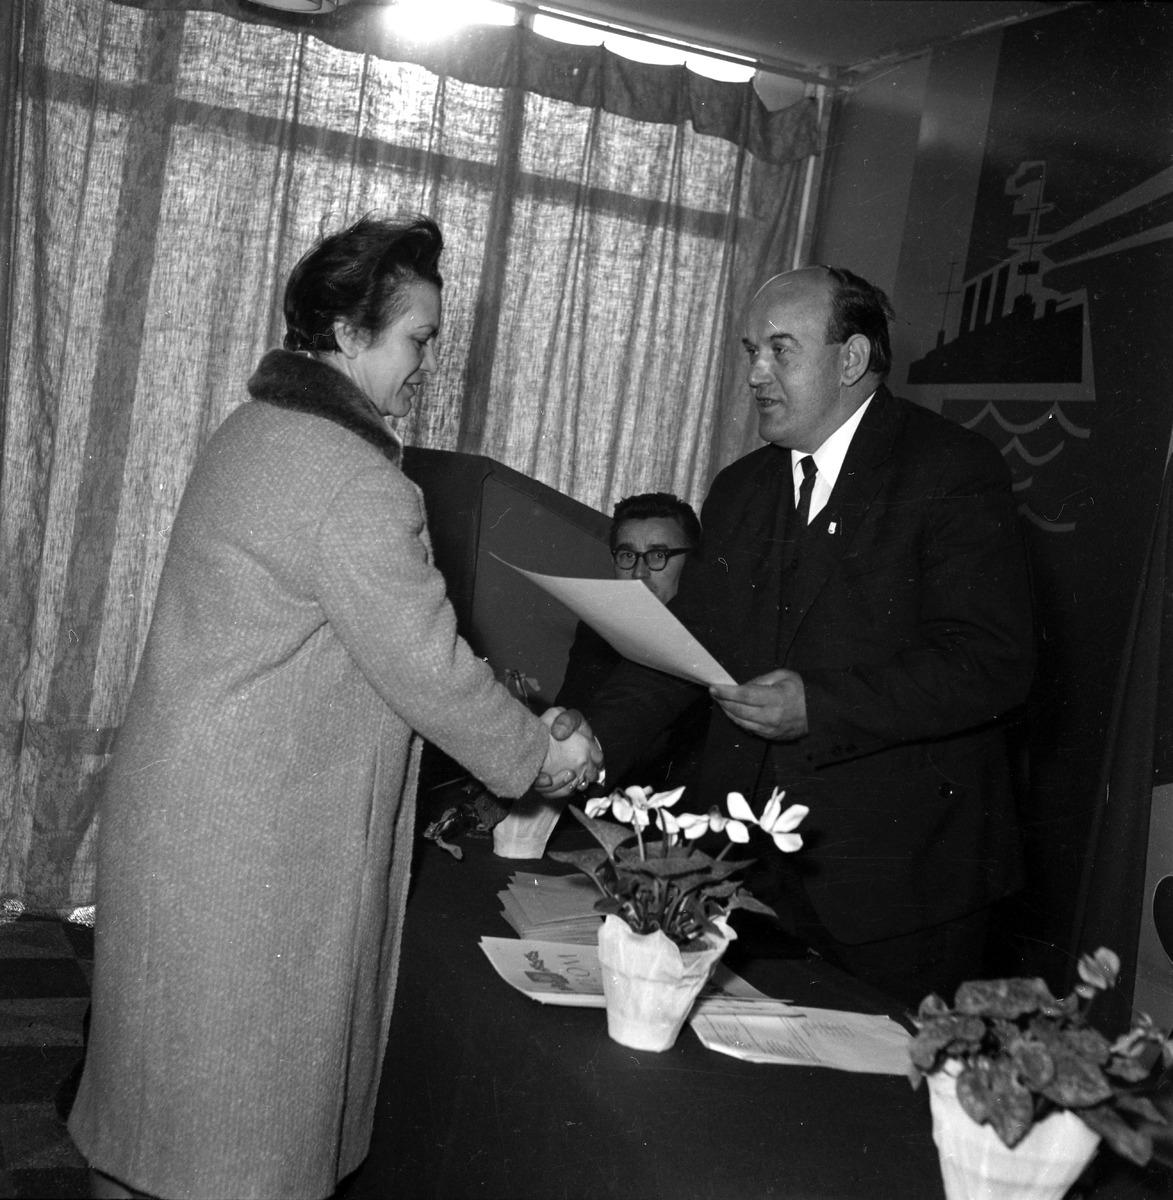 Obchody 50 rocznicy Rewolucji Październikowej w MZP [6]